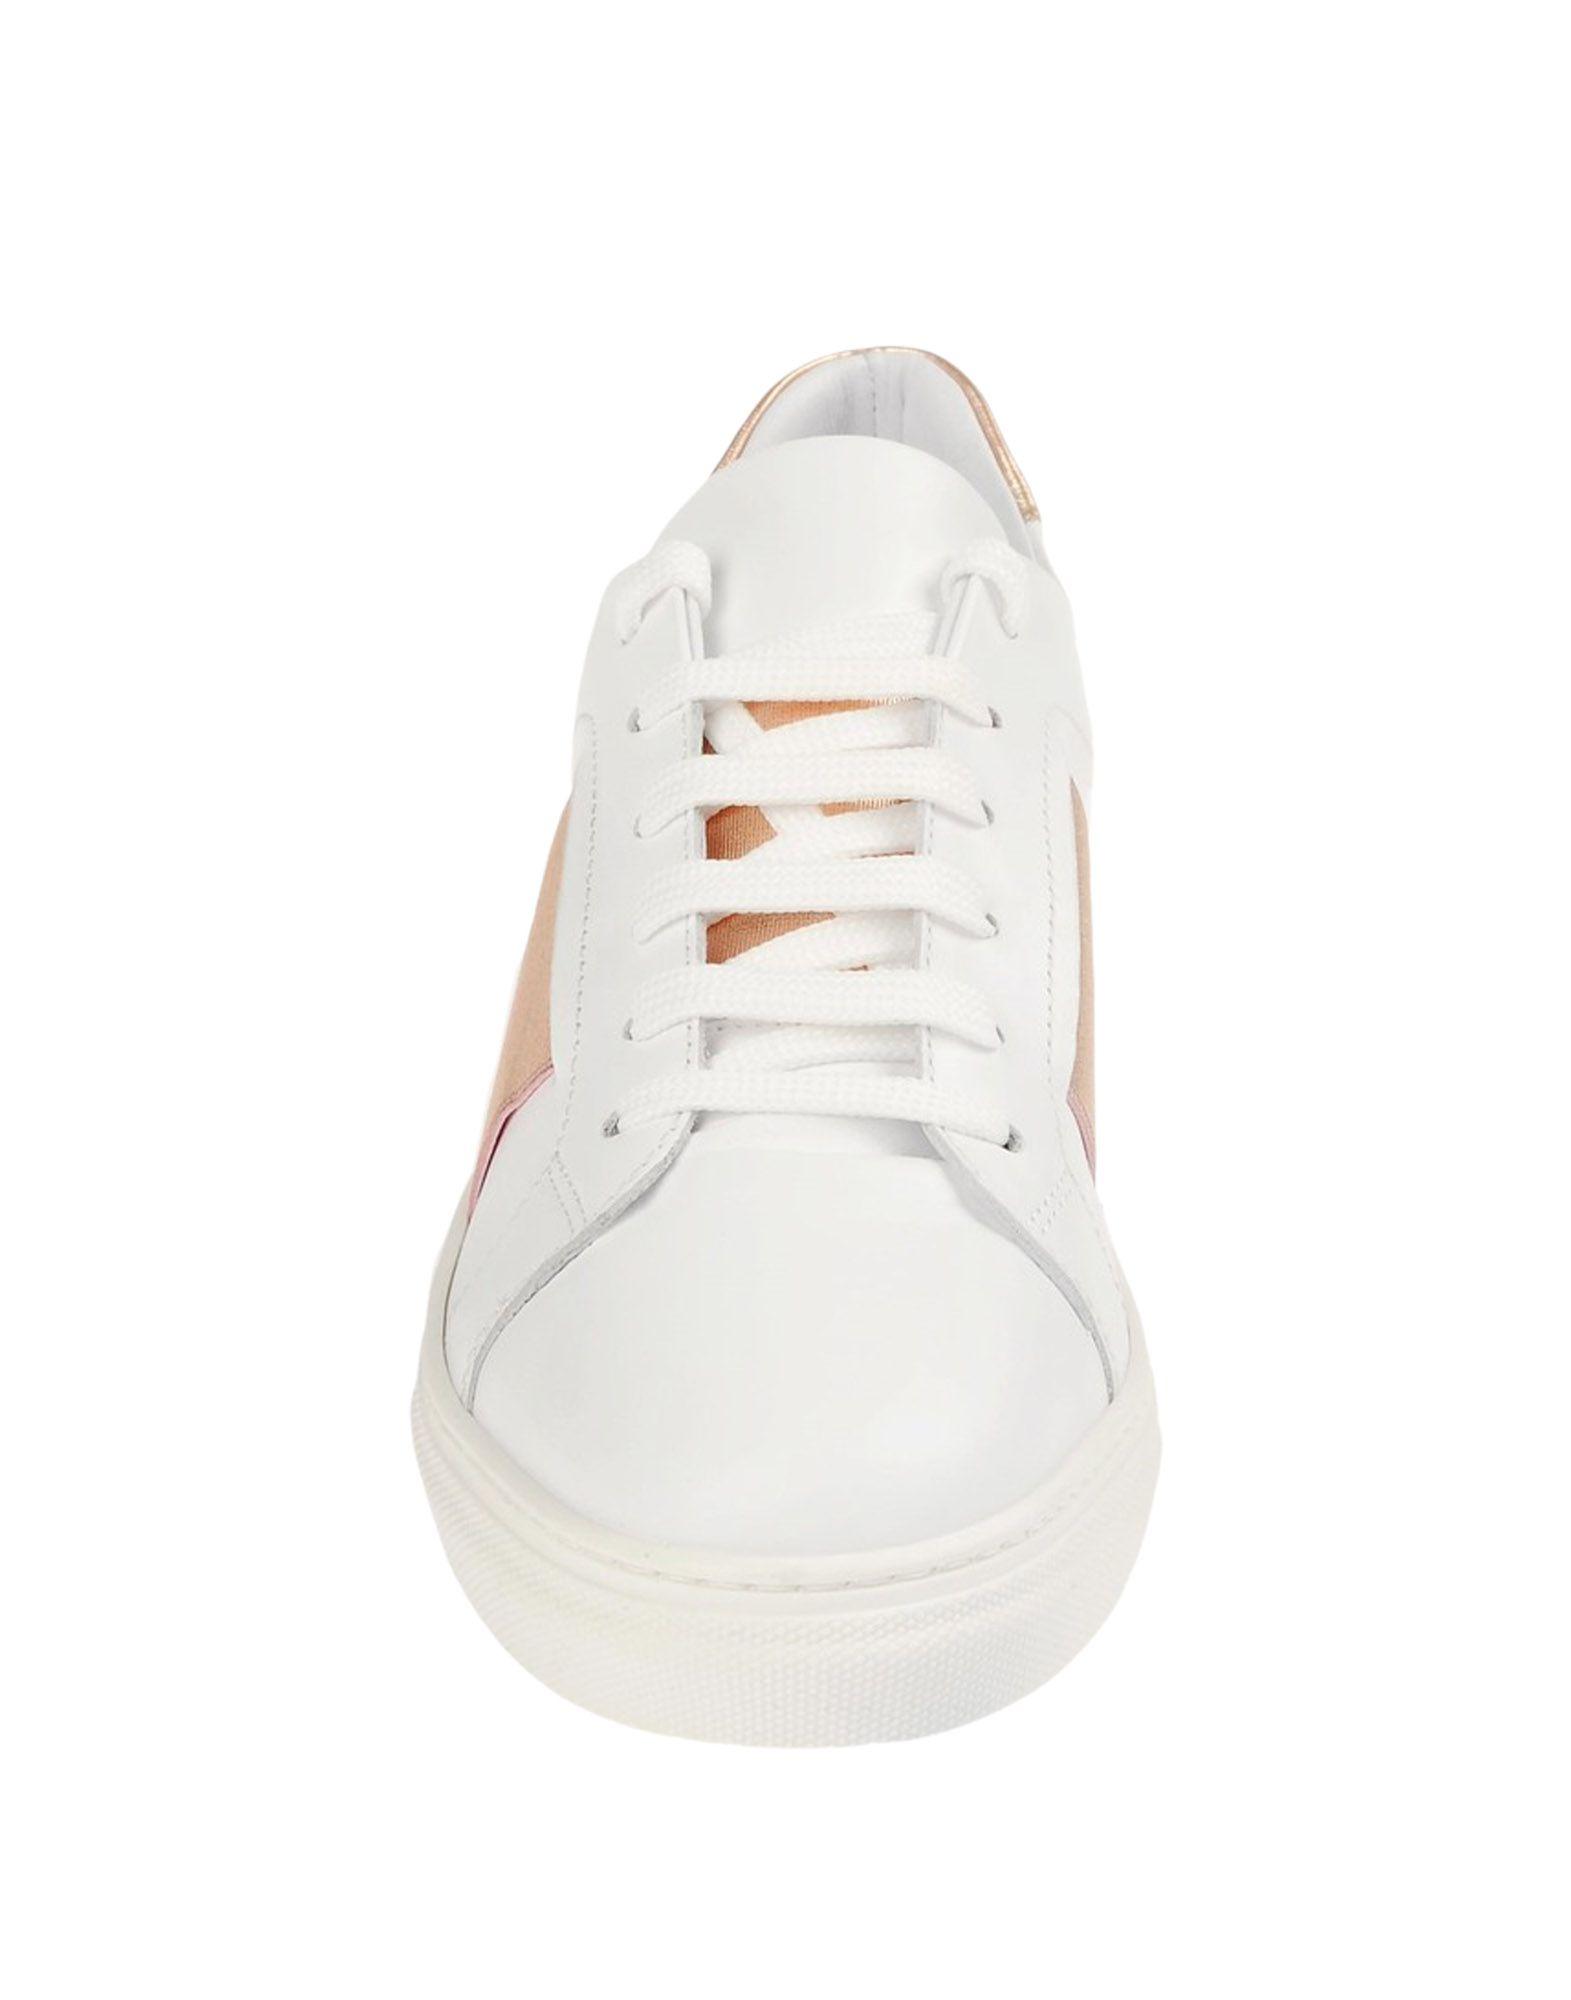 8 Sneakers Damen  11452708LI Gute Qualität beliebte Schuhe